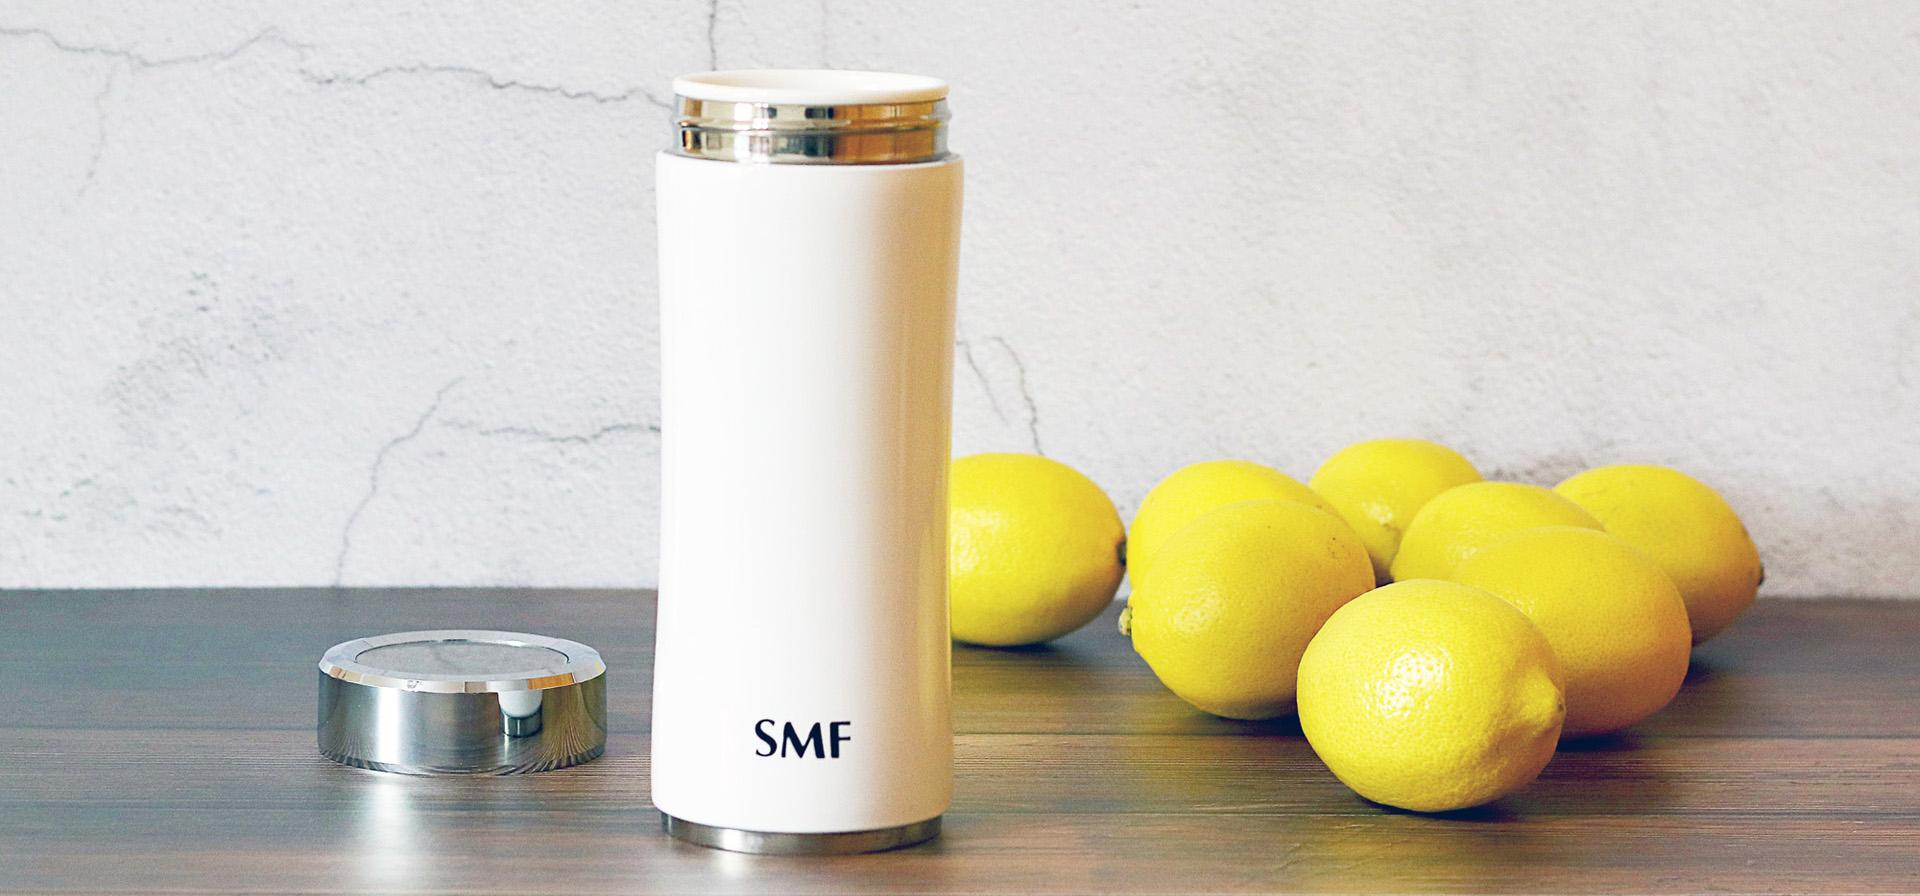 陶瓷保溫杯推薦SMF骨瓷保溫杯